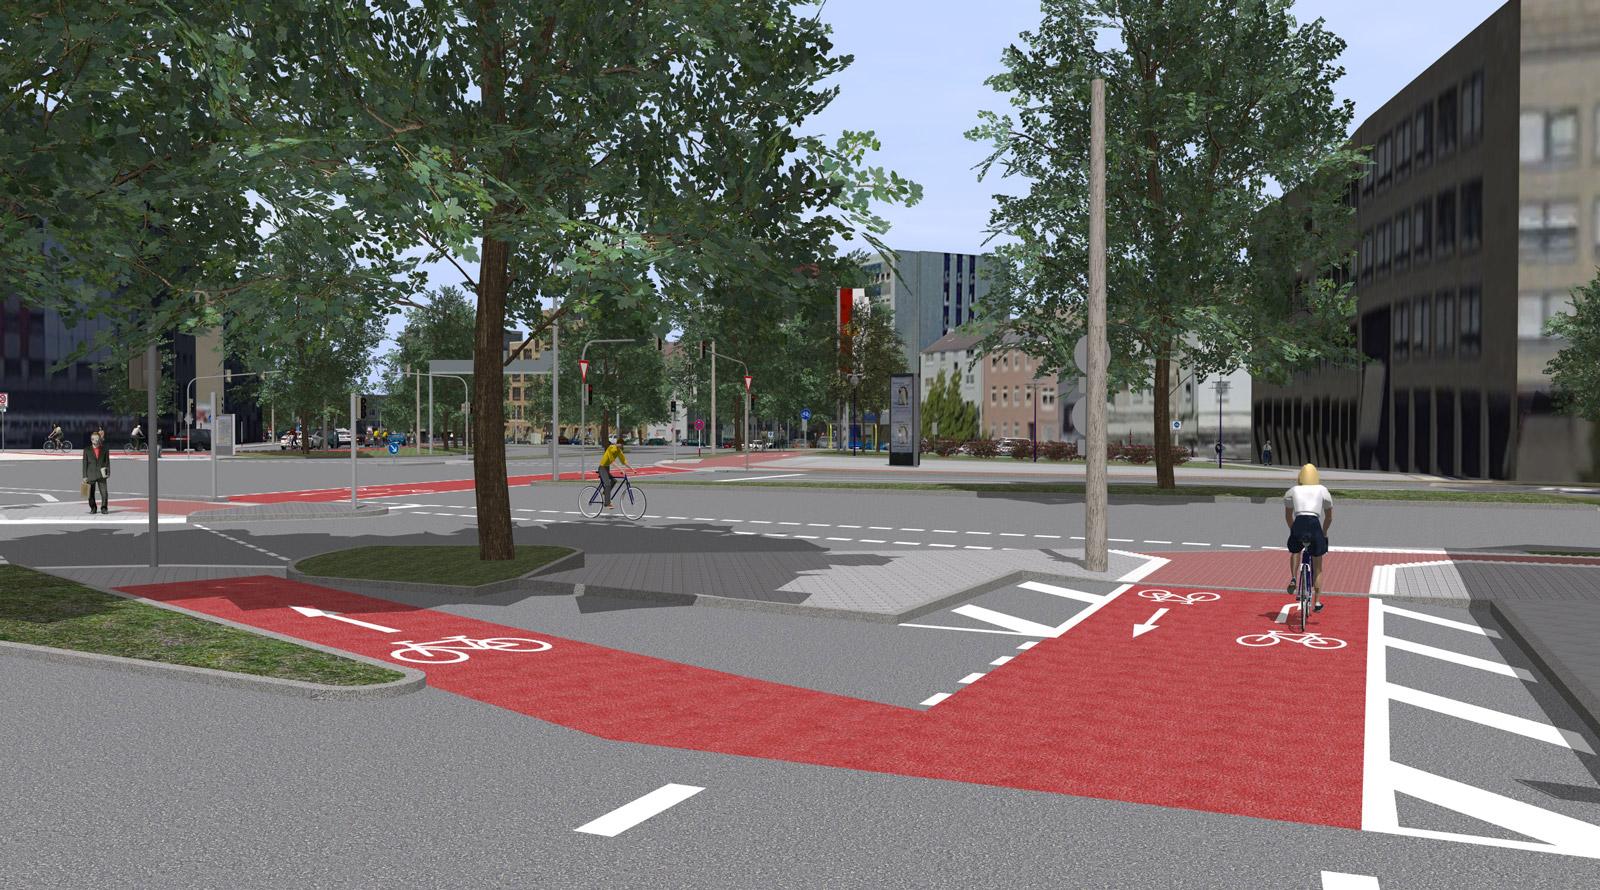 3D-Visualsierung des Radwalls in Dortmund Brüderweg Kaiserstraße